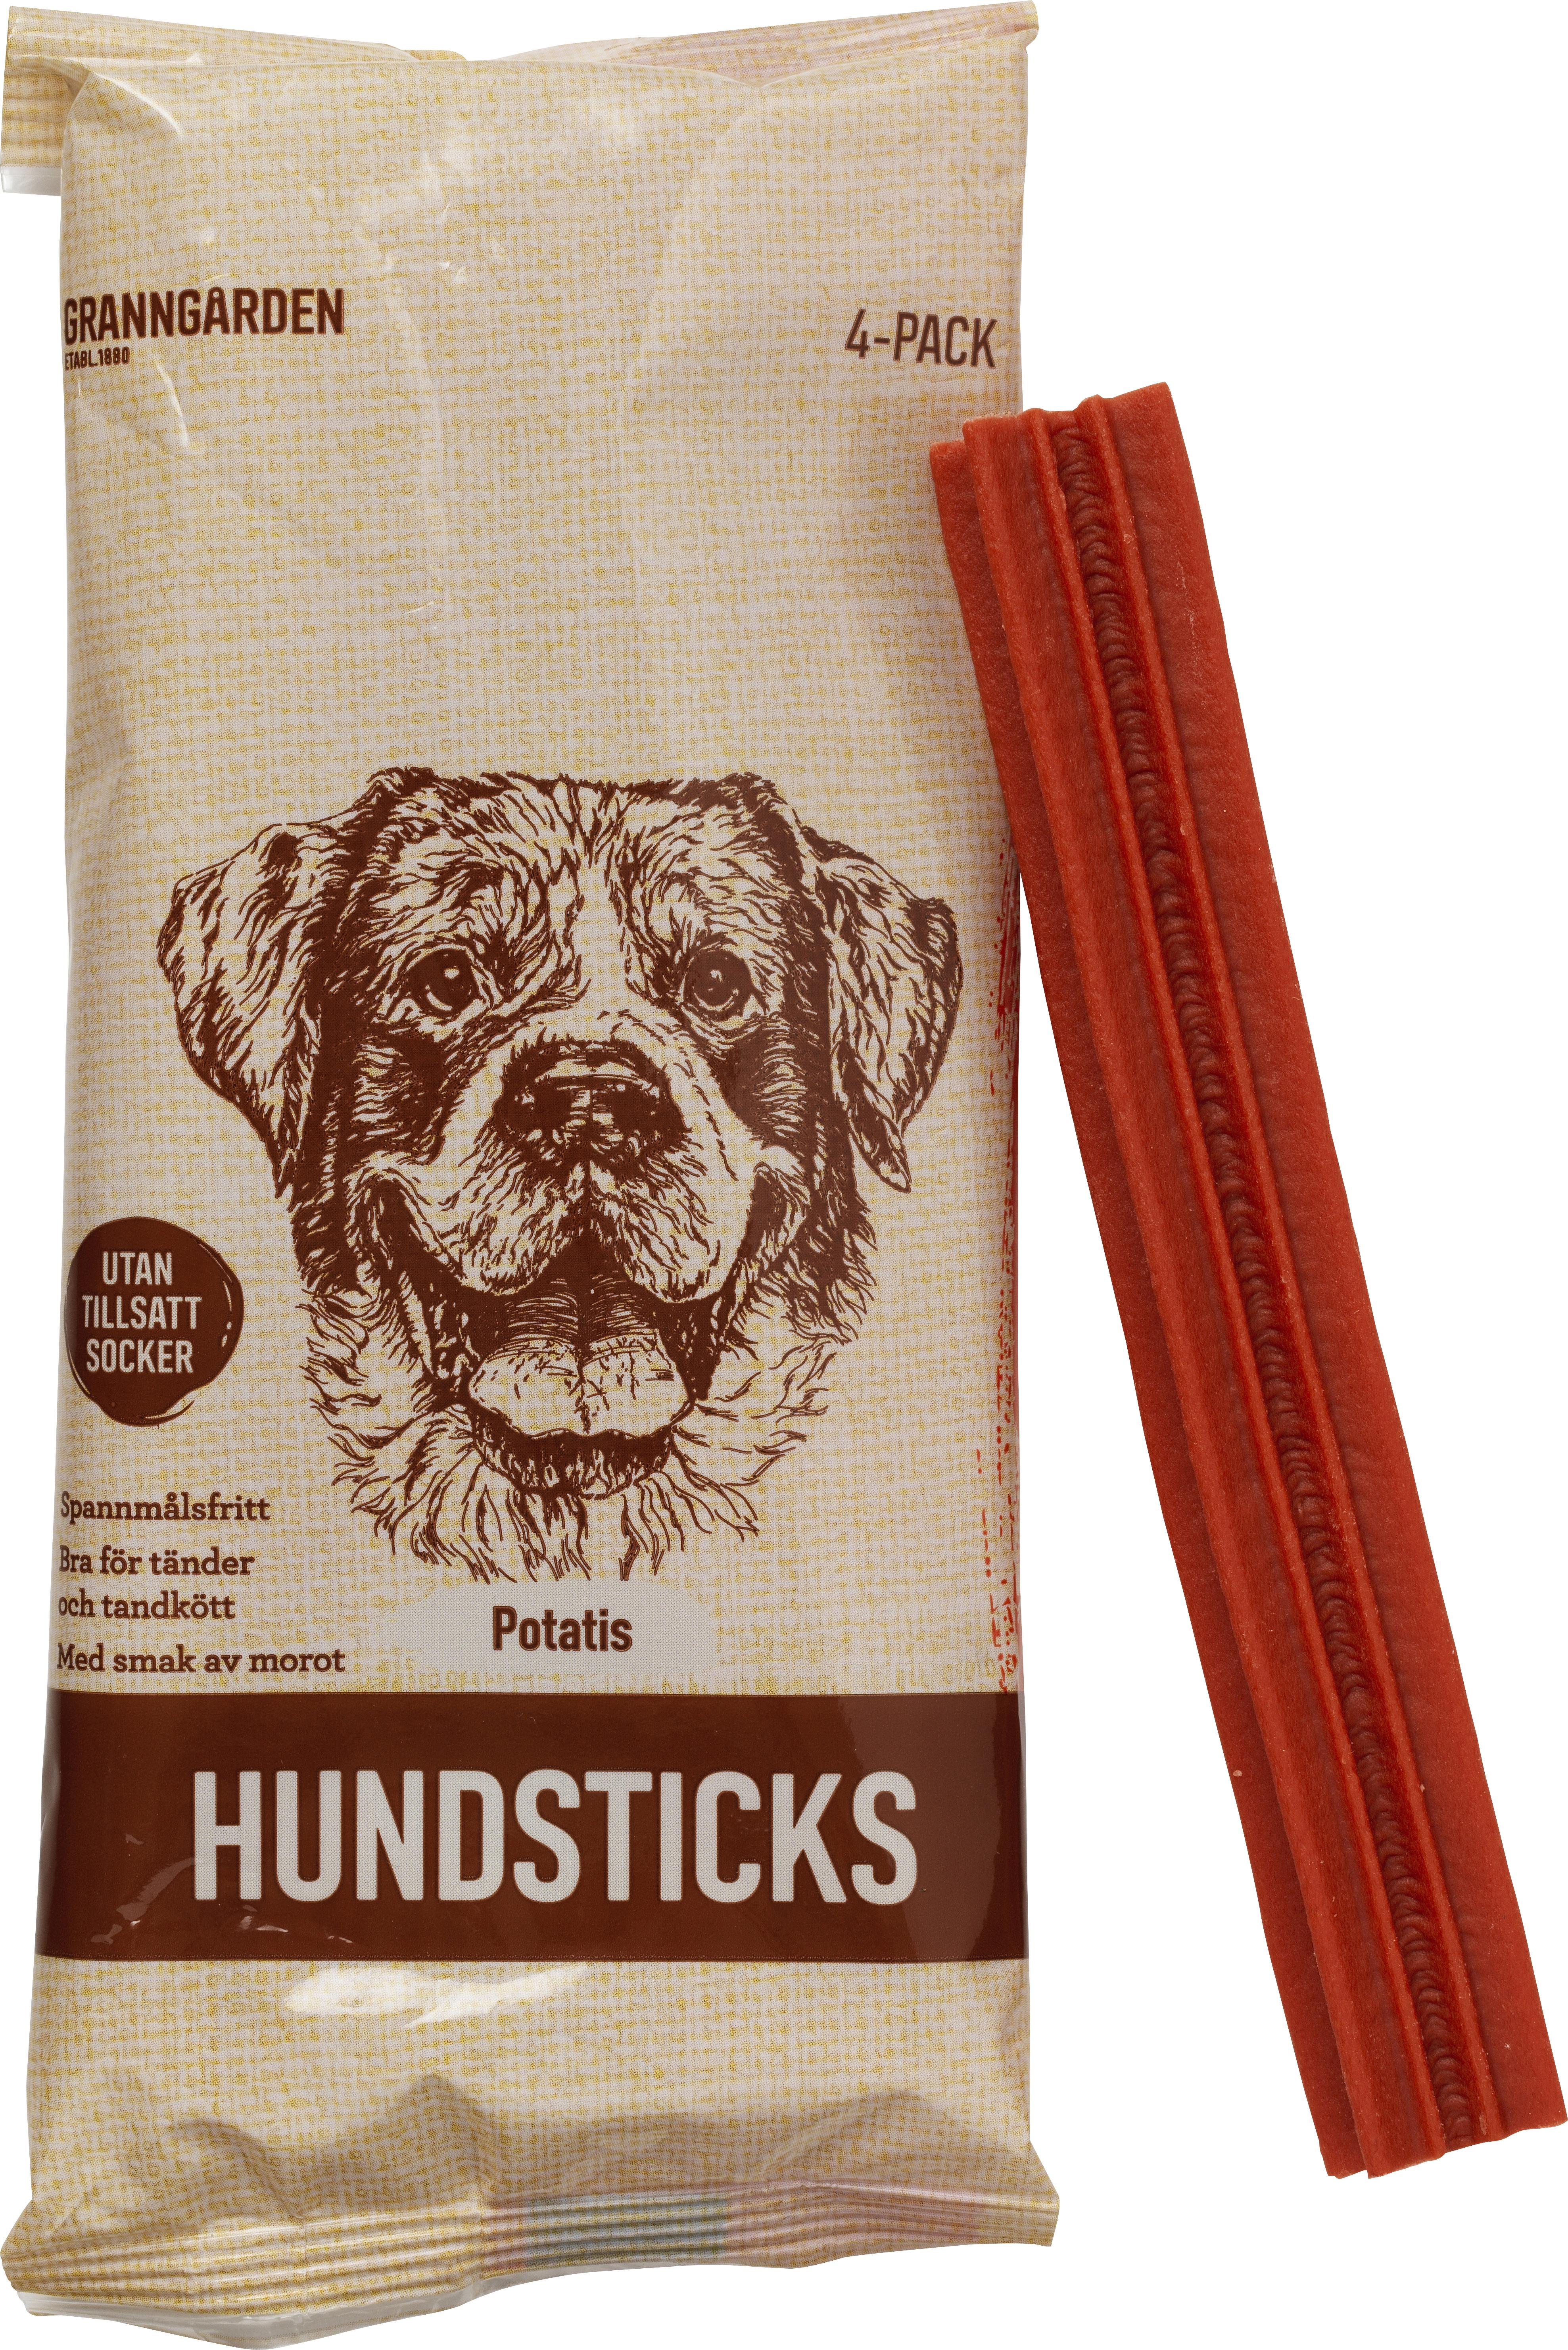 Hundtugg Granngården Hundsticks Potatis, 4-pack